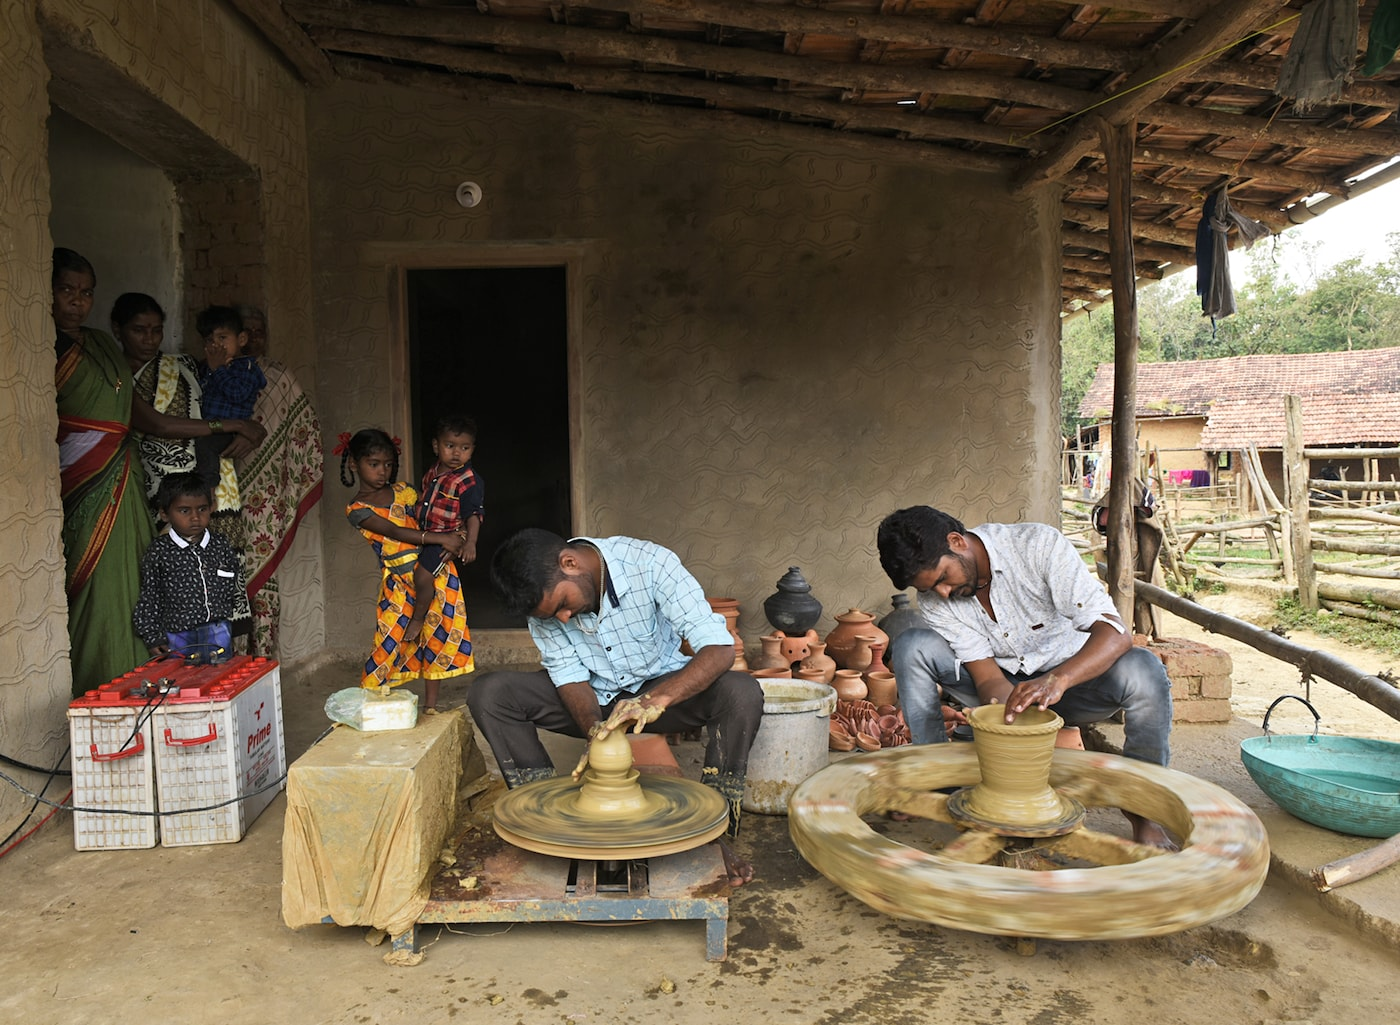 Deux potiers indiens en train de travailler sur leur tour sous le regard d'autres villageois.